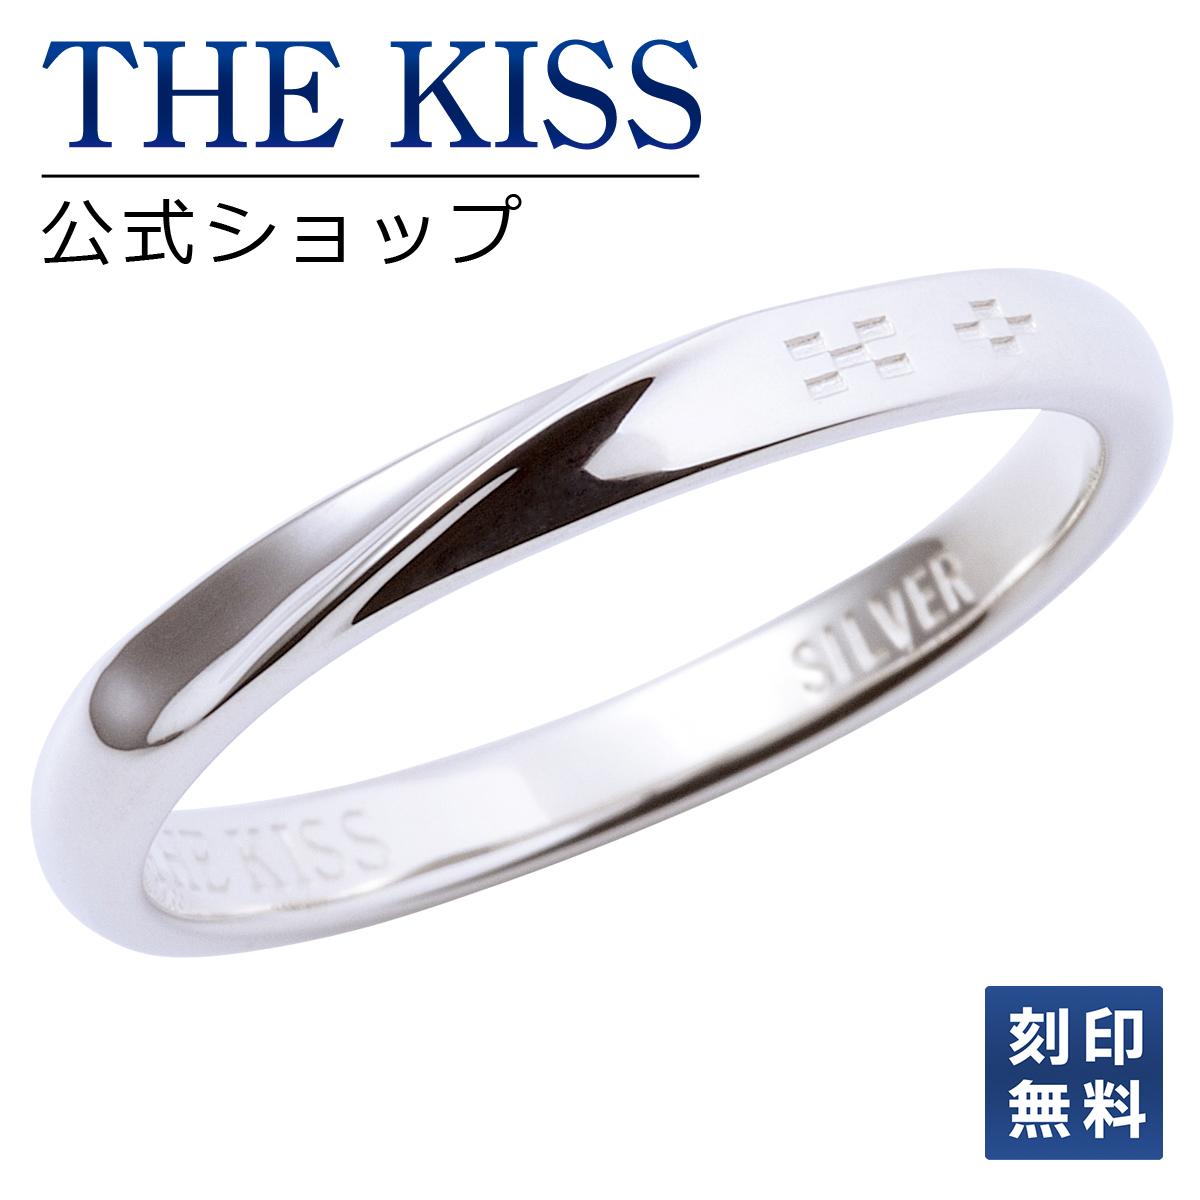 【刻印可_3文字】【あす楽対応】THE KISS 公式サイト シルバー ペアリング ( レディース 単品 ) ペアアクセサリー カップル に 人気 の ジュエリーブランド THEKISS ペア リング・指輪 記念日 プレゼント SR2441 ザキス 【送料無料】